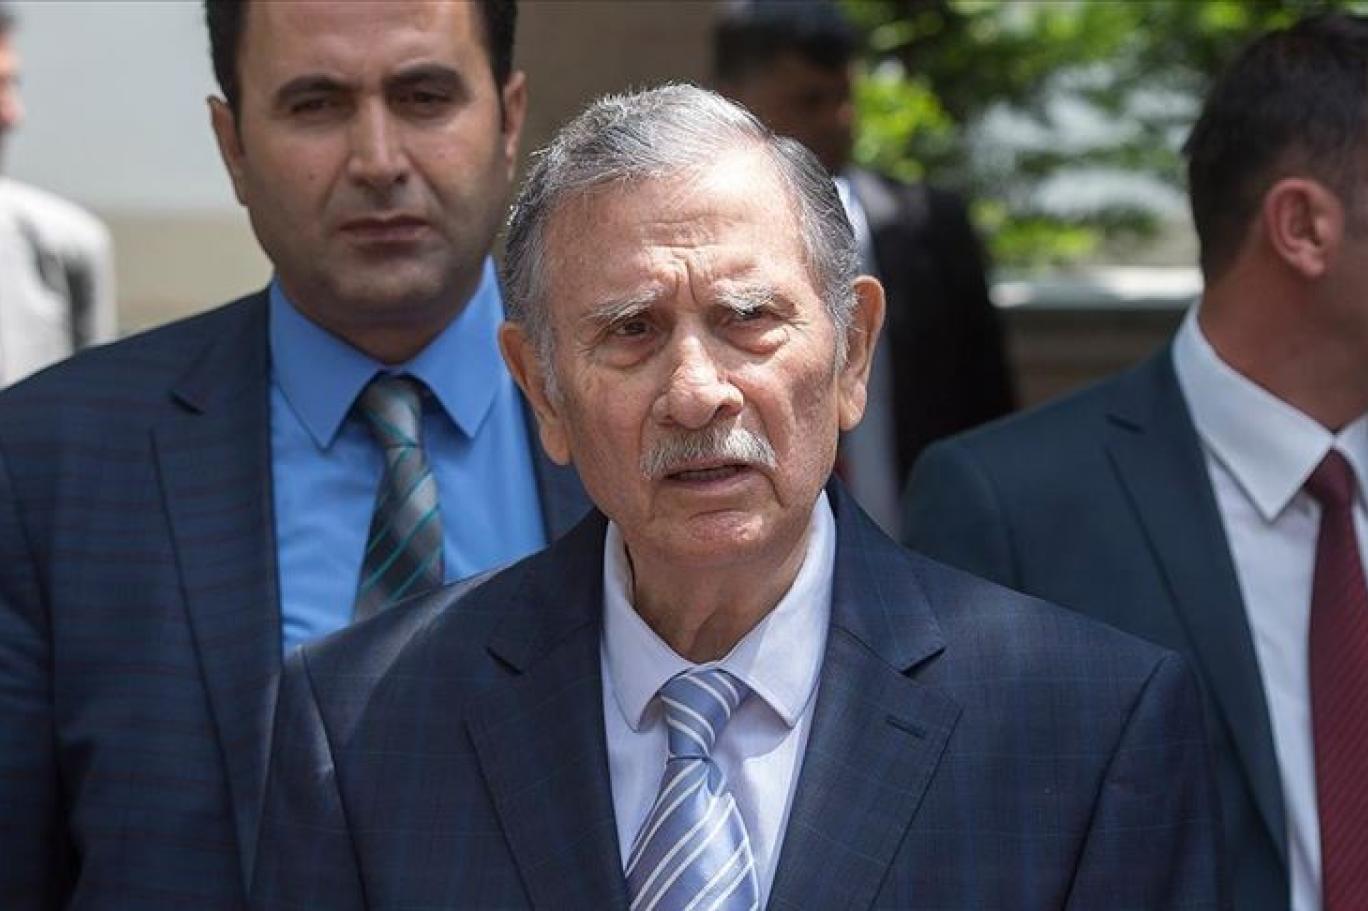 Eski başbakanlardan Yıldırım Akbulut hastaneye kaldırıldı | Independent  Türkçe